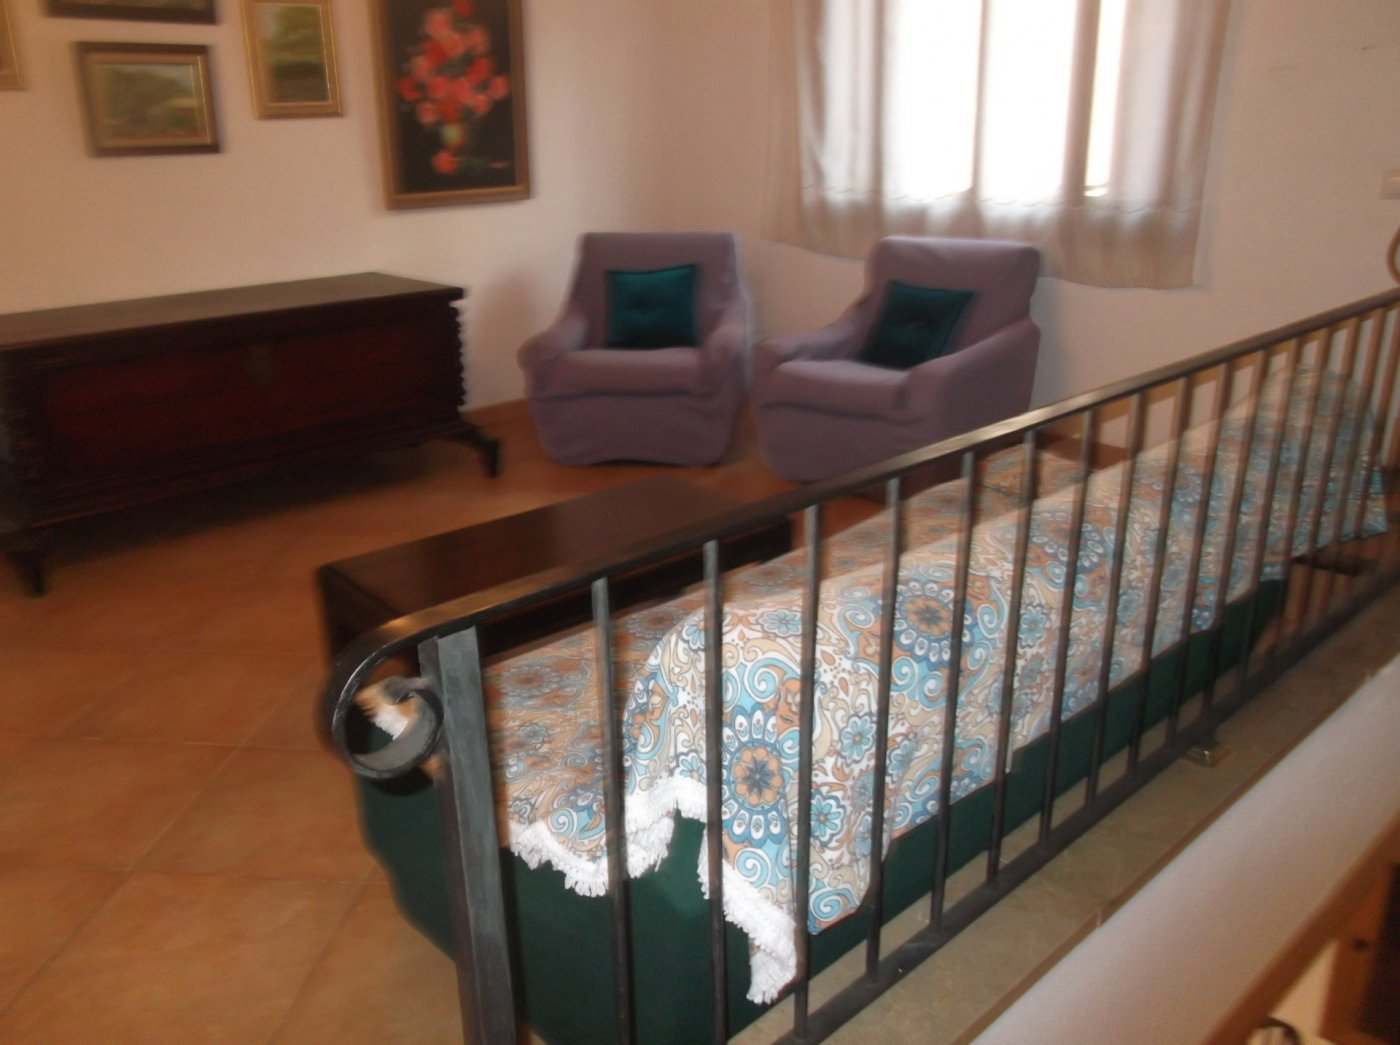 En venta casa de pueblo reformada 3 alturas estilo mallorquin centro llucmajor - imagenInmueble14